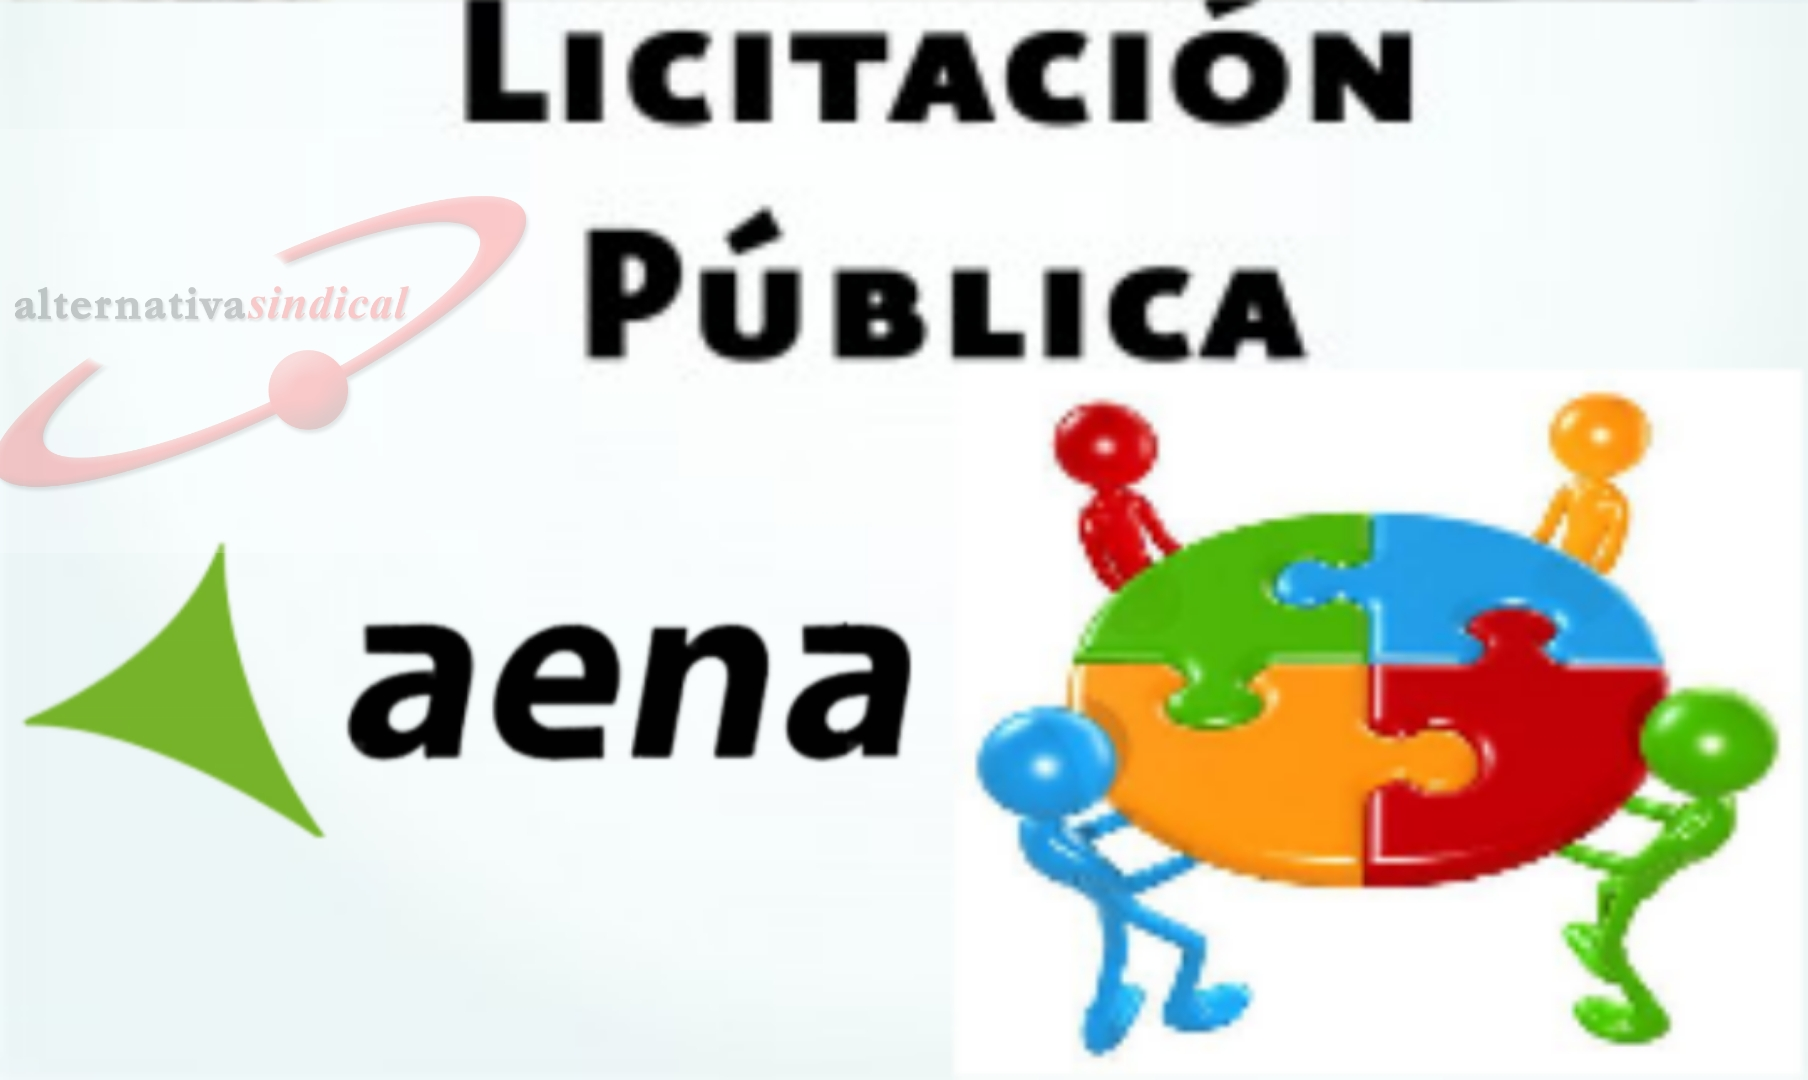 AENA concursos públicos.